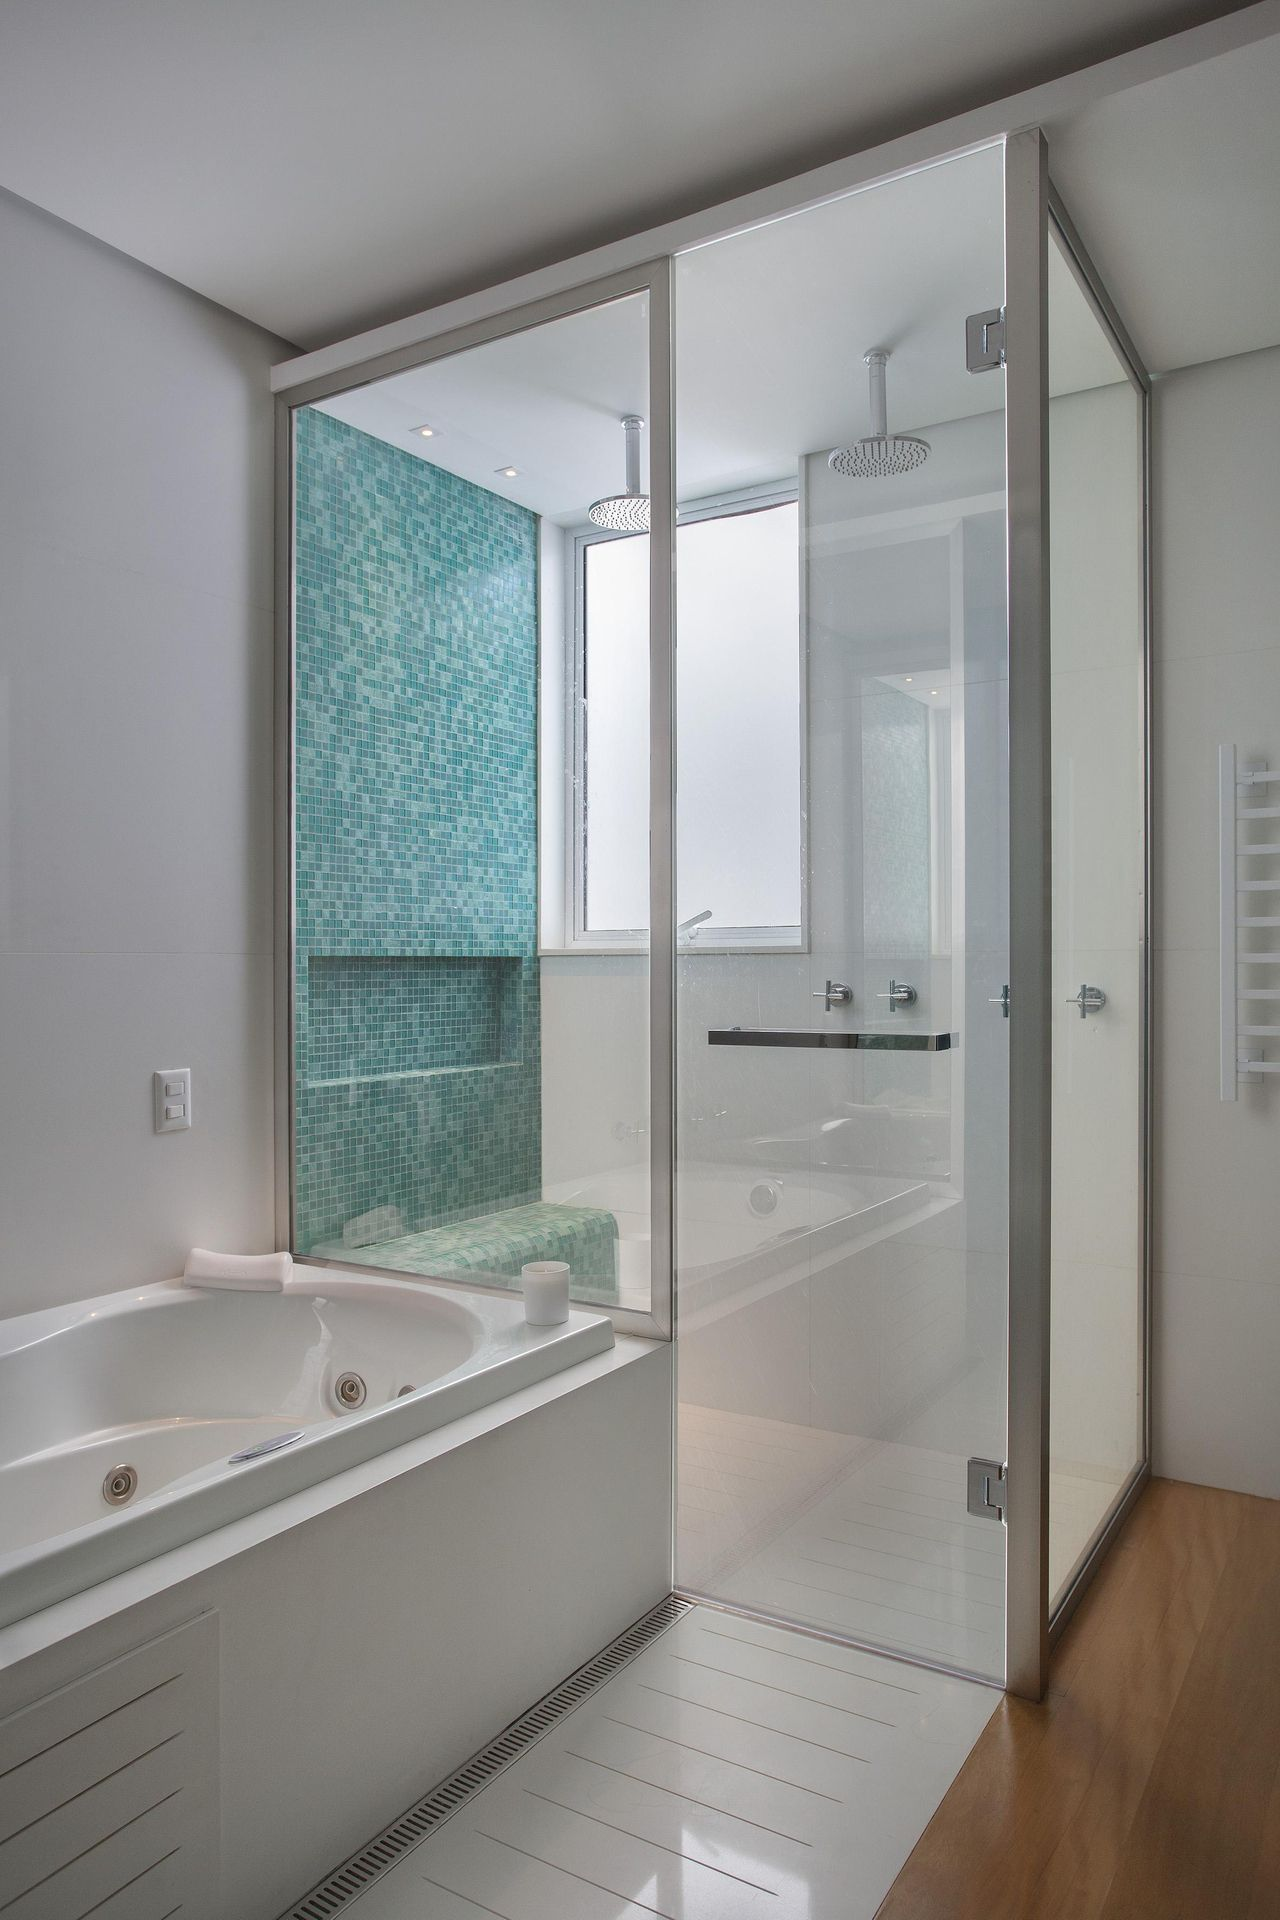 50 Banheiros Decorados com Pastilhas (melhores fotos!) -> Banheiro Com Revestimento Tipo Pastilha